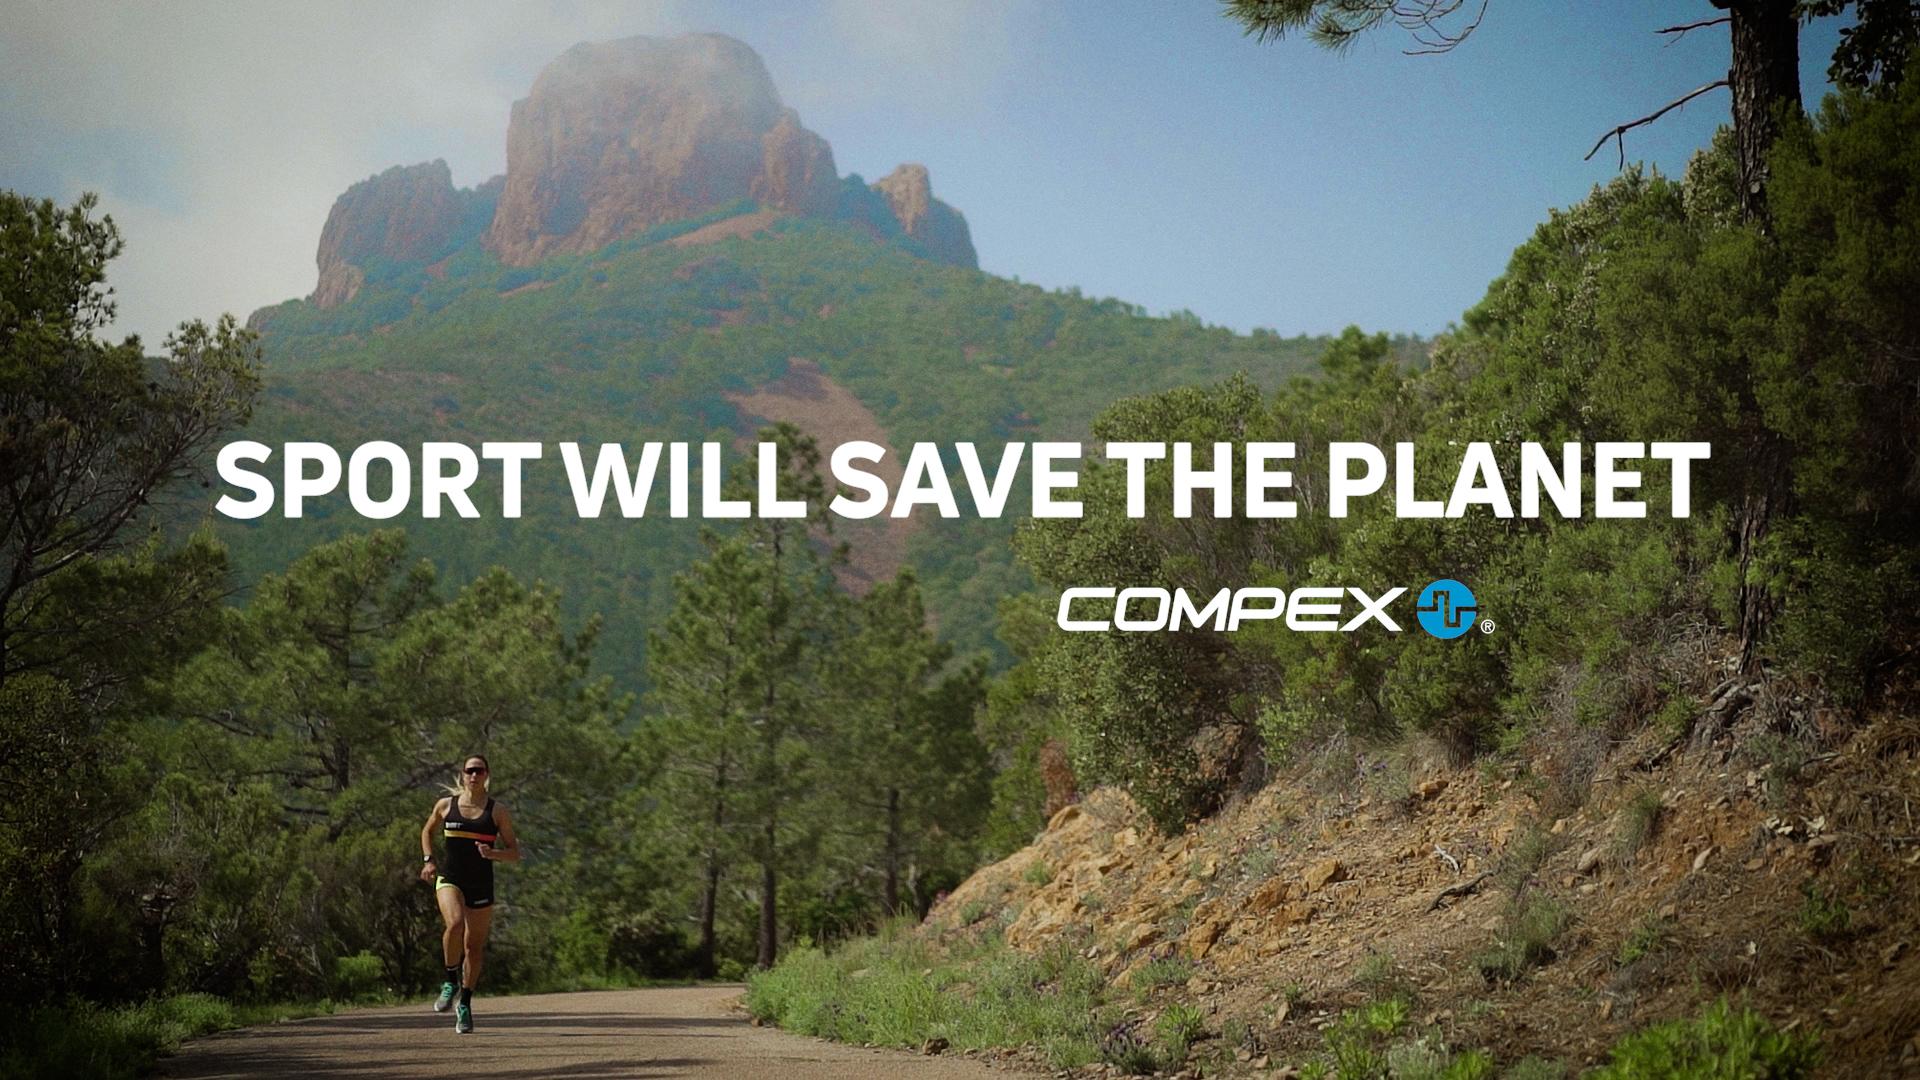 Compex e sostenibilità: i risultati di Run to Save The Planet